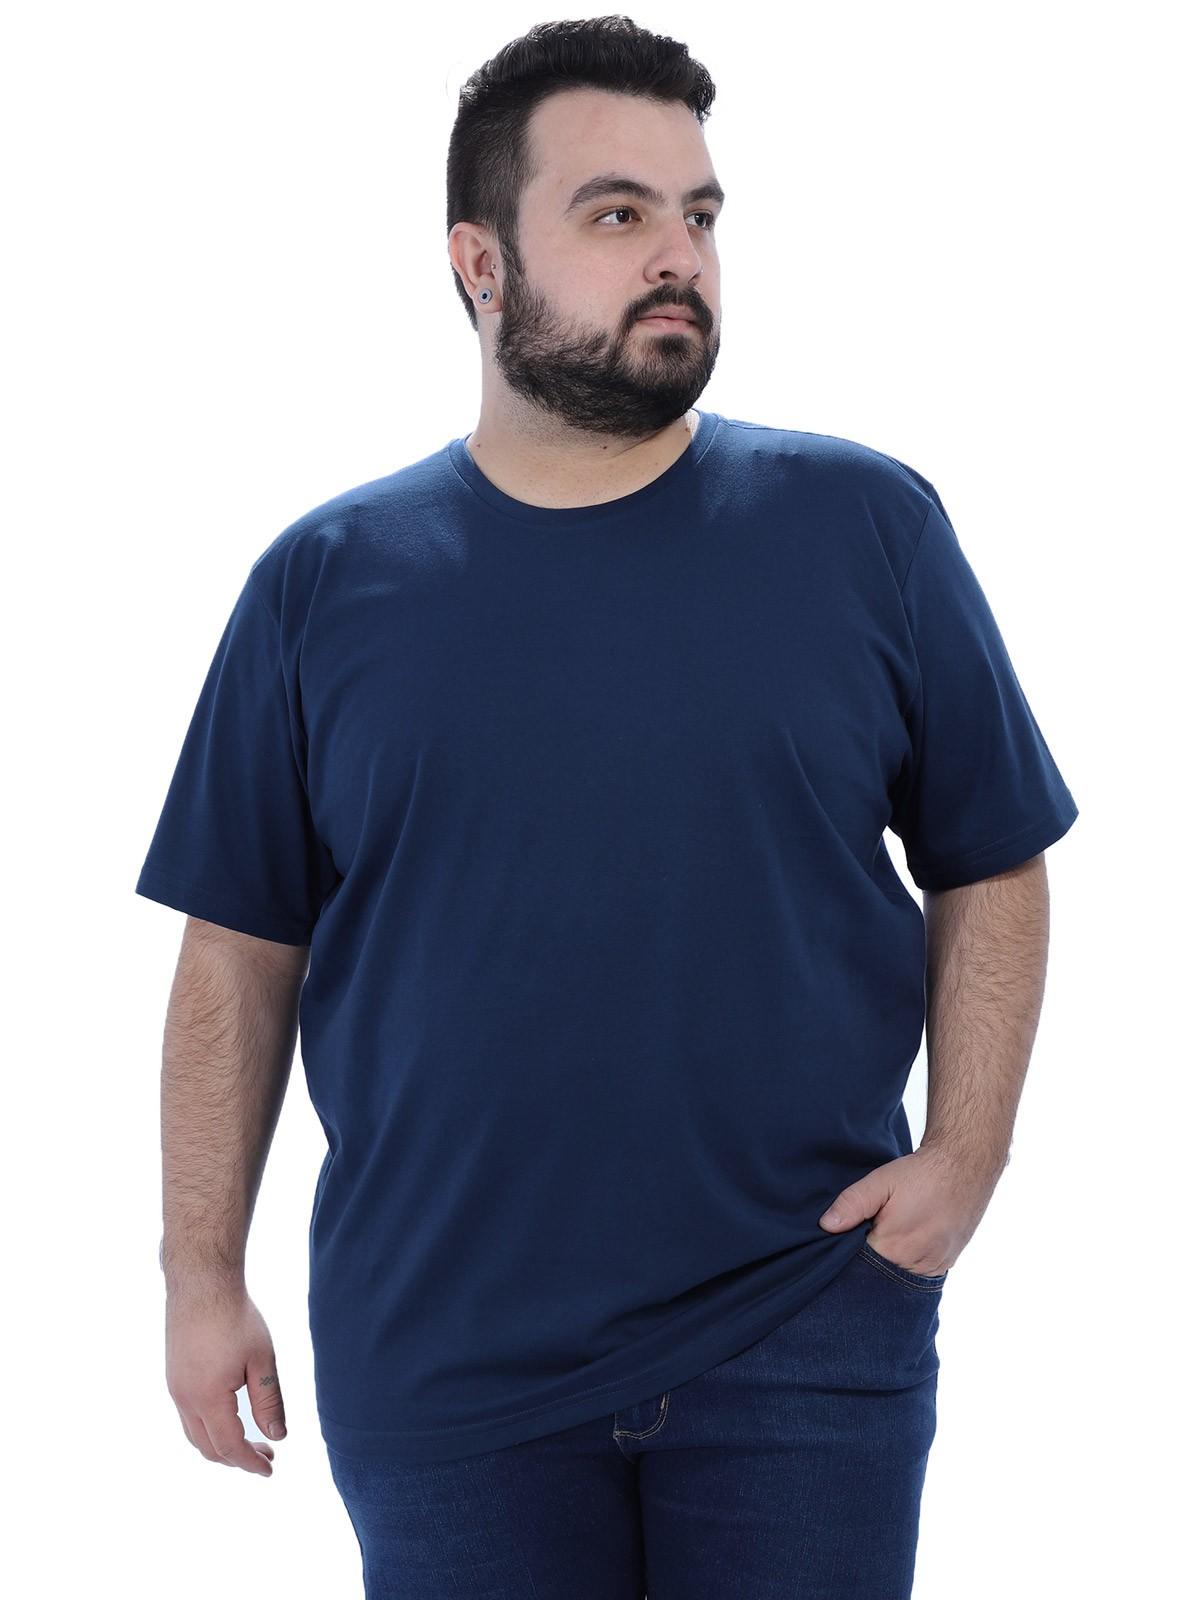 Camiseta Plus Size Masculino Lisa Azul Marinho